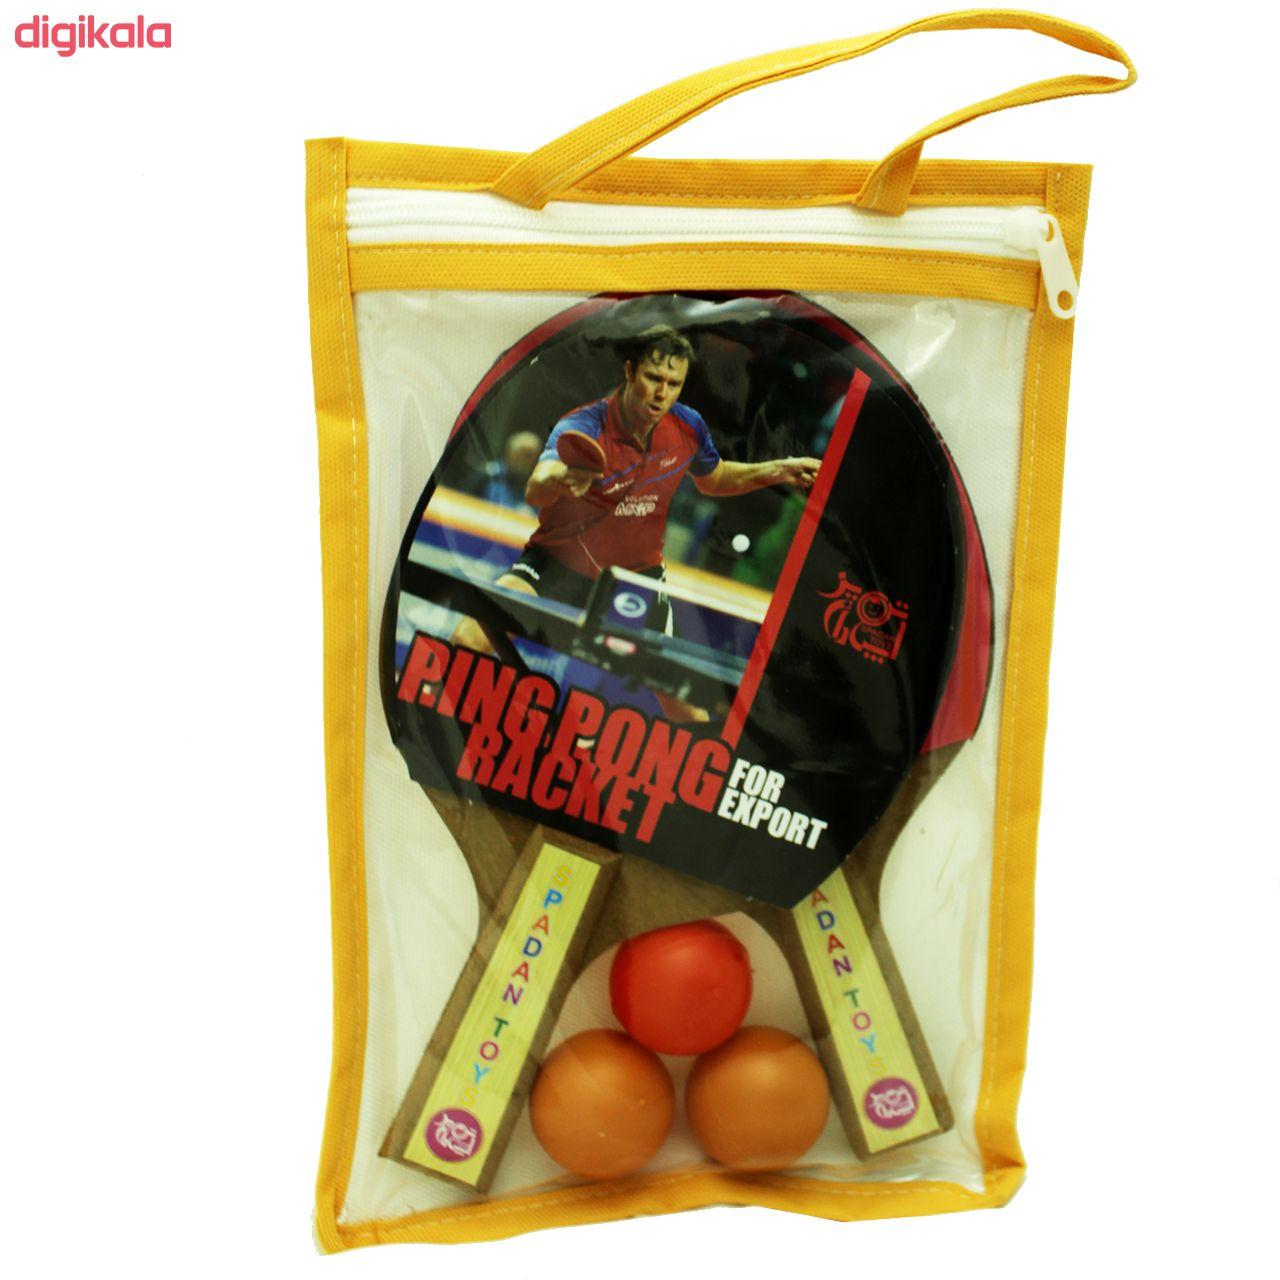 راکت پینگ پونگ اسپادان تویز مجموعه 2 عددی به همراه توپ main 1 2